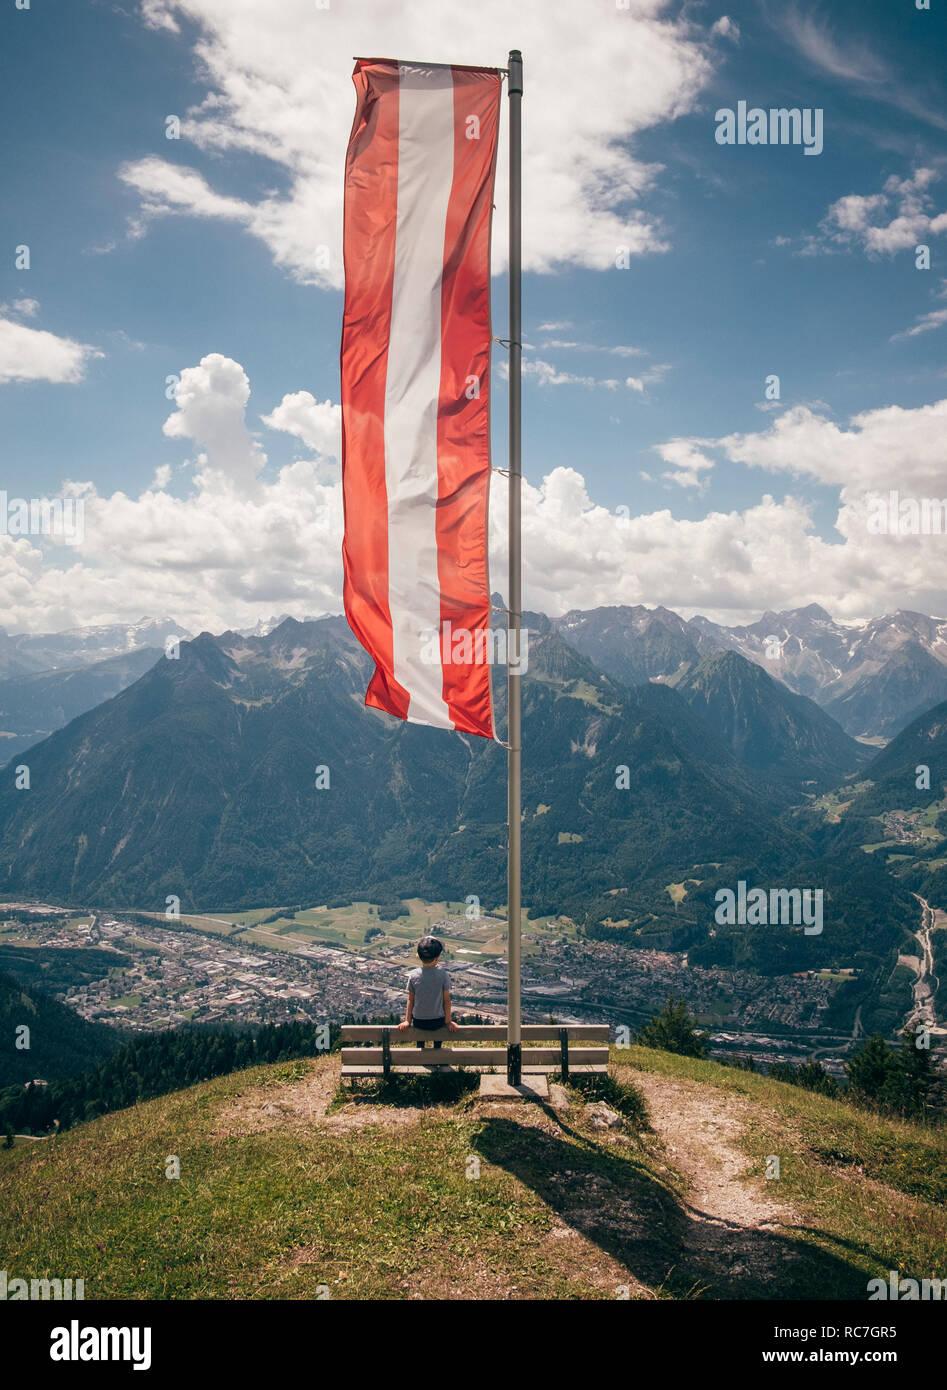 Junge sitzt unter österreichischer Flagge Betrachtung Berglandschaft, Bludenz, Vorarlberg, Österreich Stockfoto